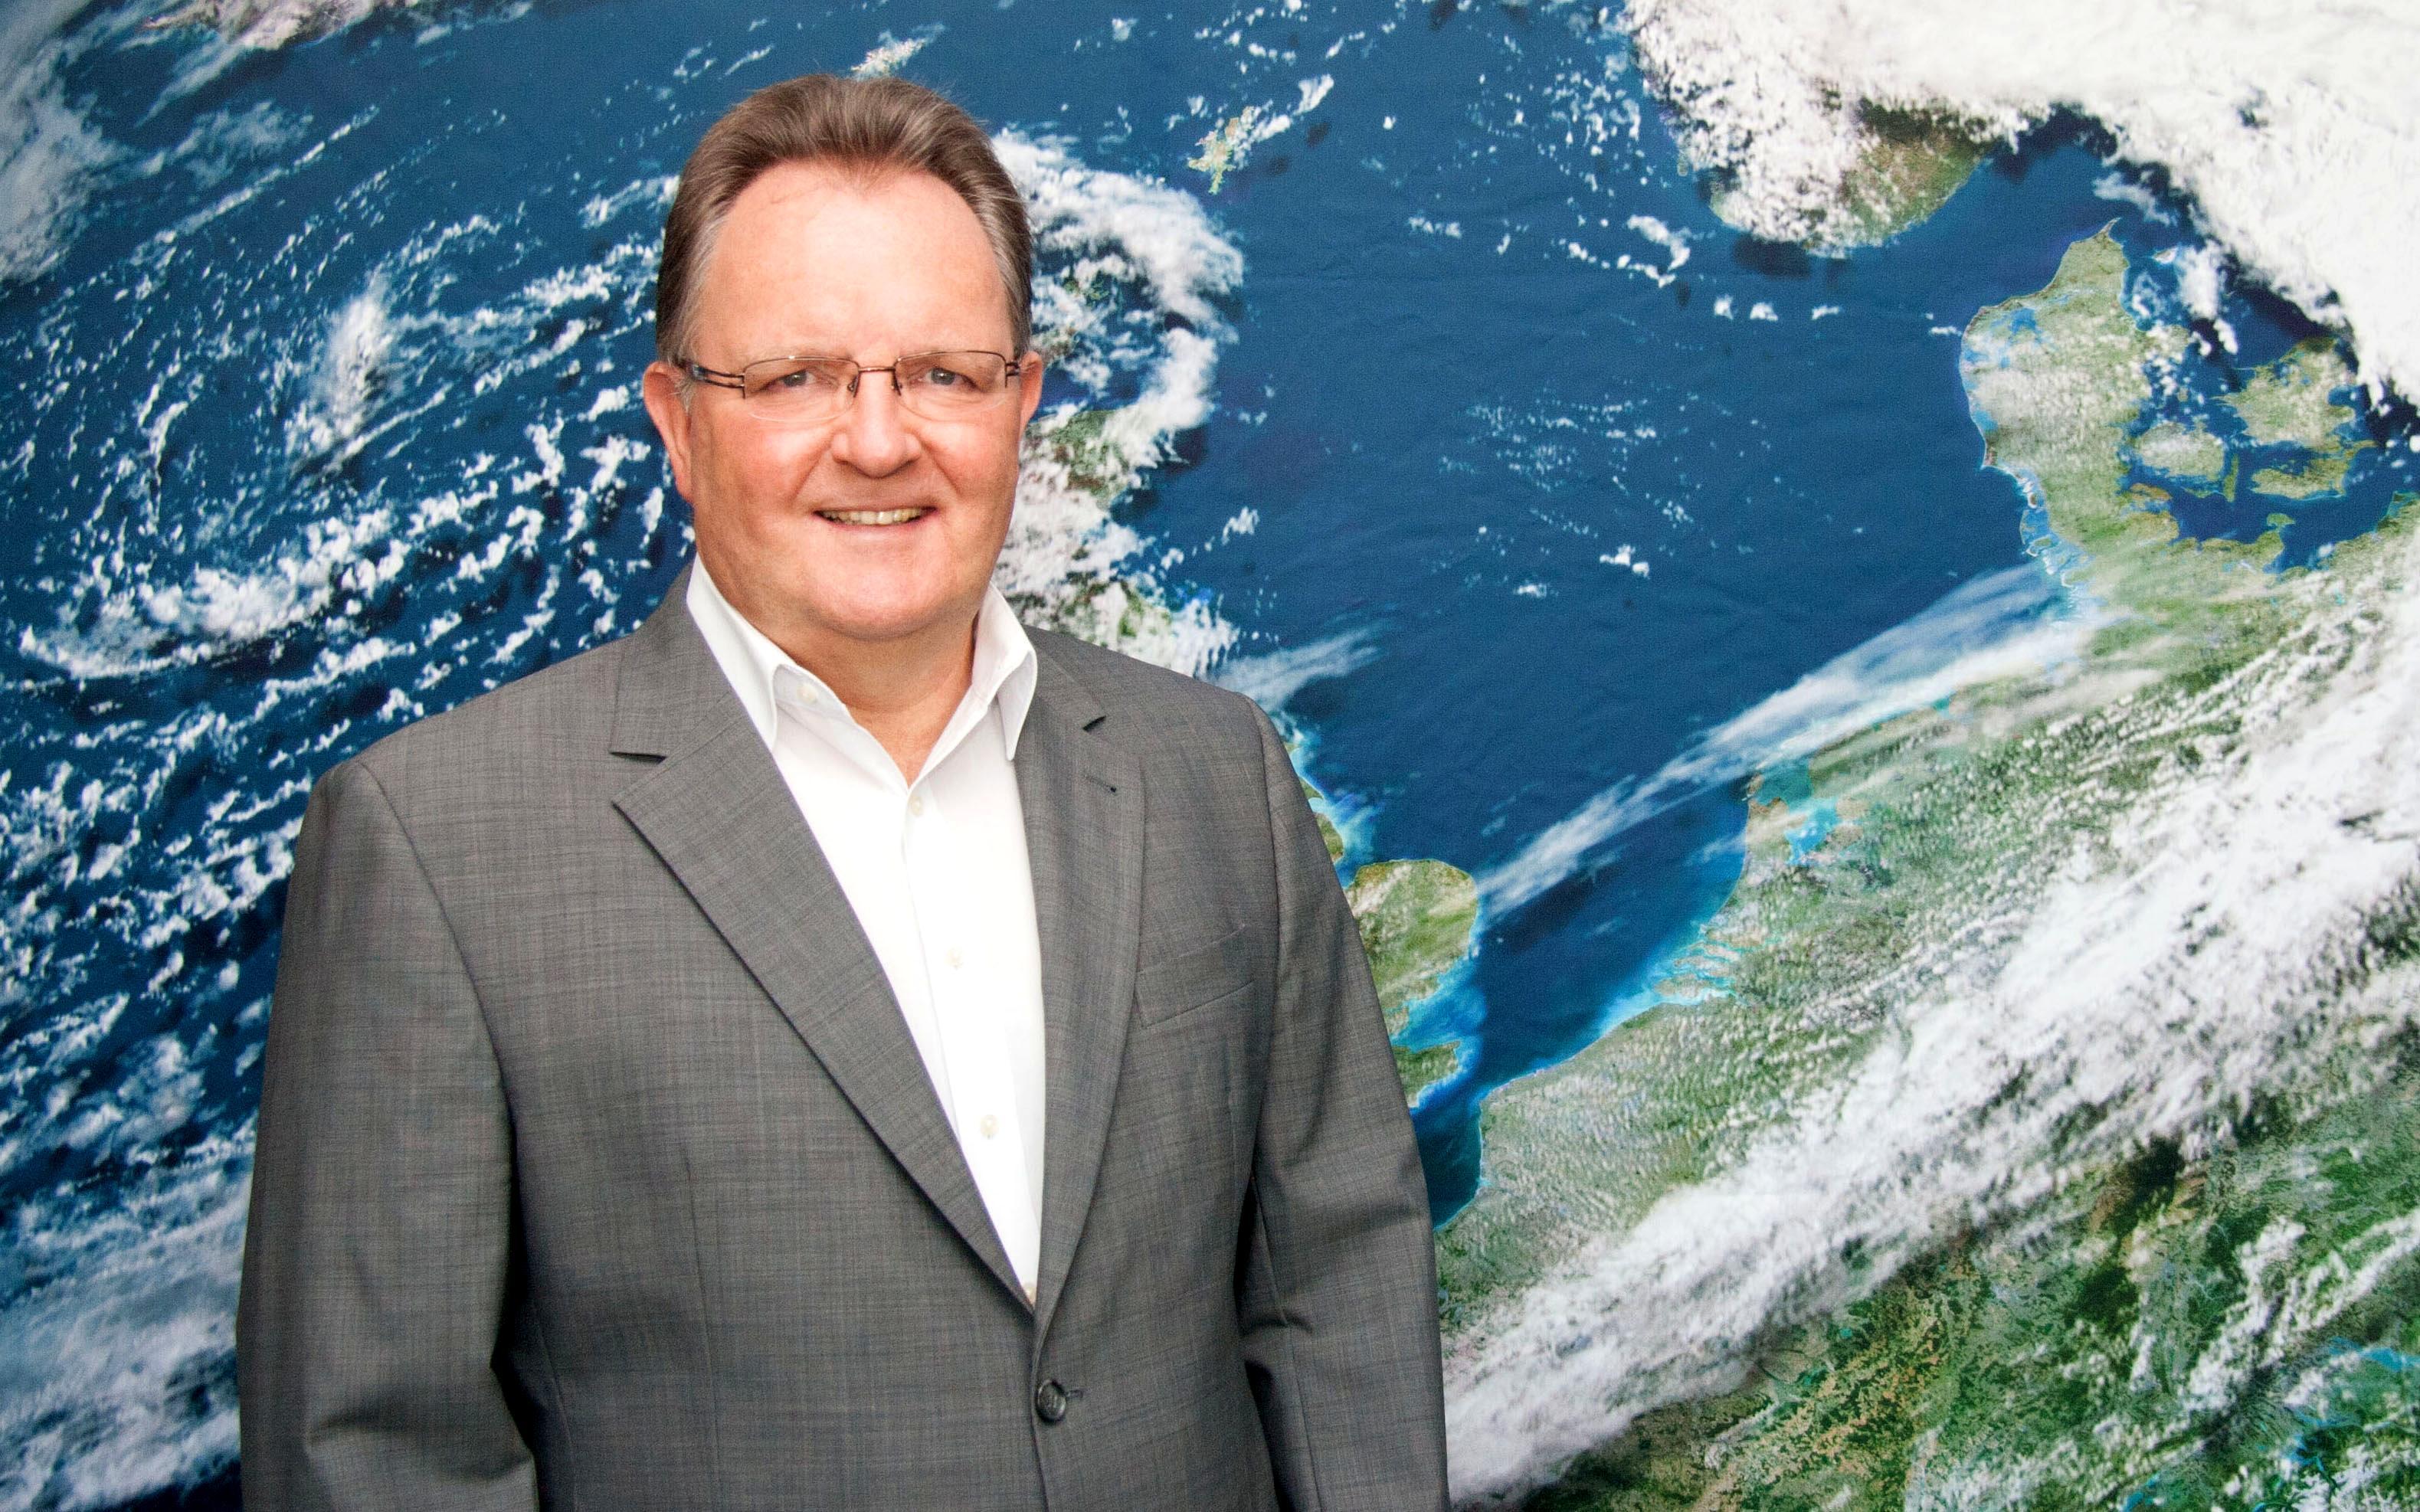 Andreas Friedrich Deutscher Wetterdienst Tornado Wetter